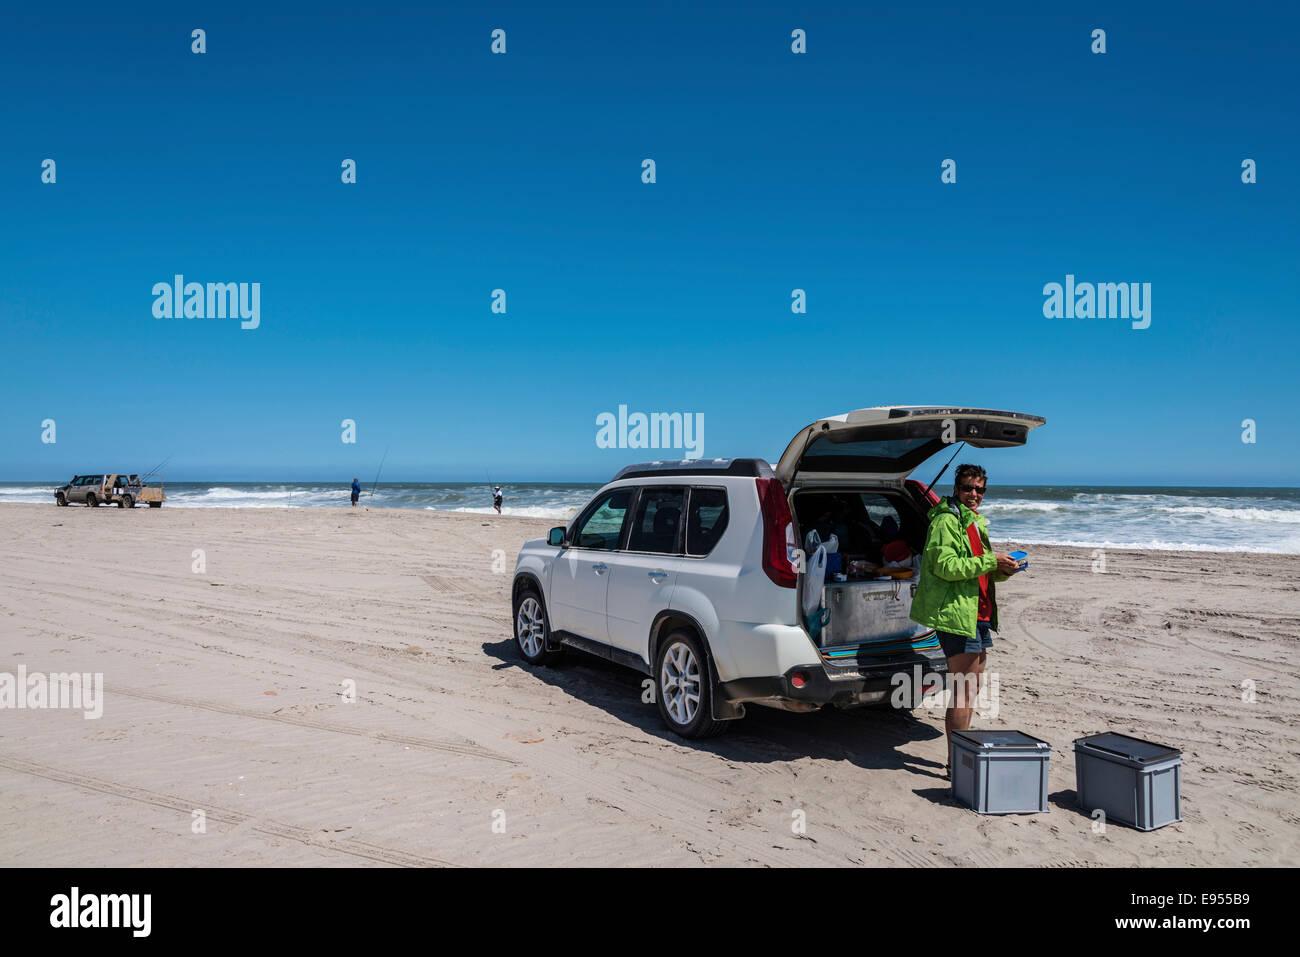 Tourist standing next to an SUV on the Namibian coast near Swakopmund, Erongo Region, Namibia - Stock Image